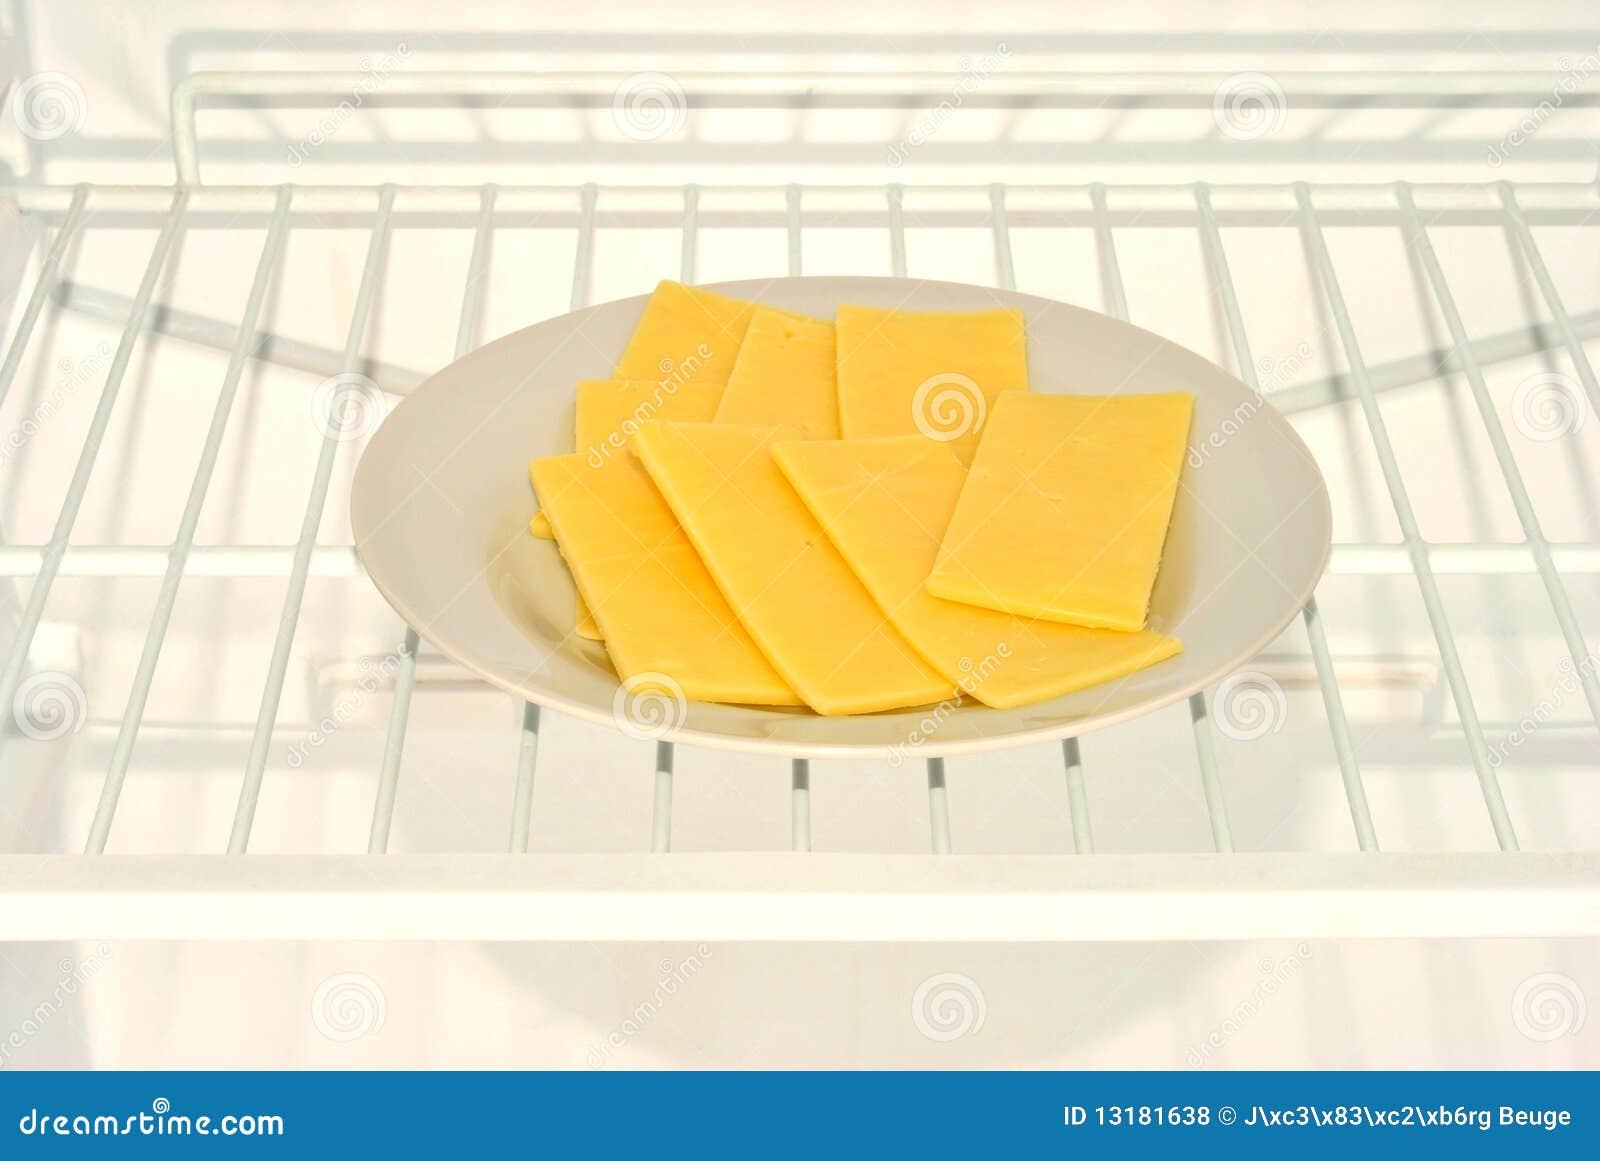 τυρί φετών σε ένα πιάτο σε ένα ψυγείο